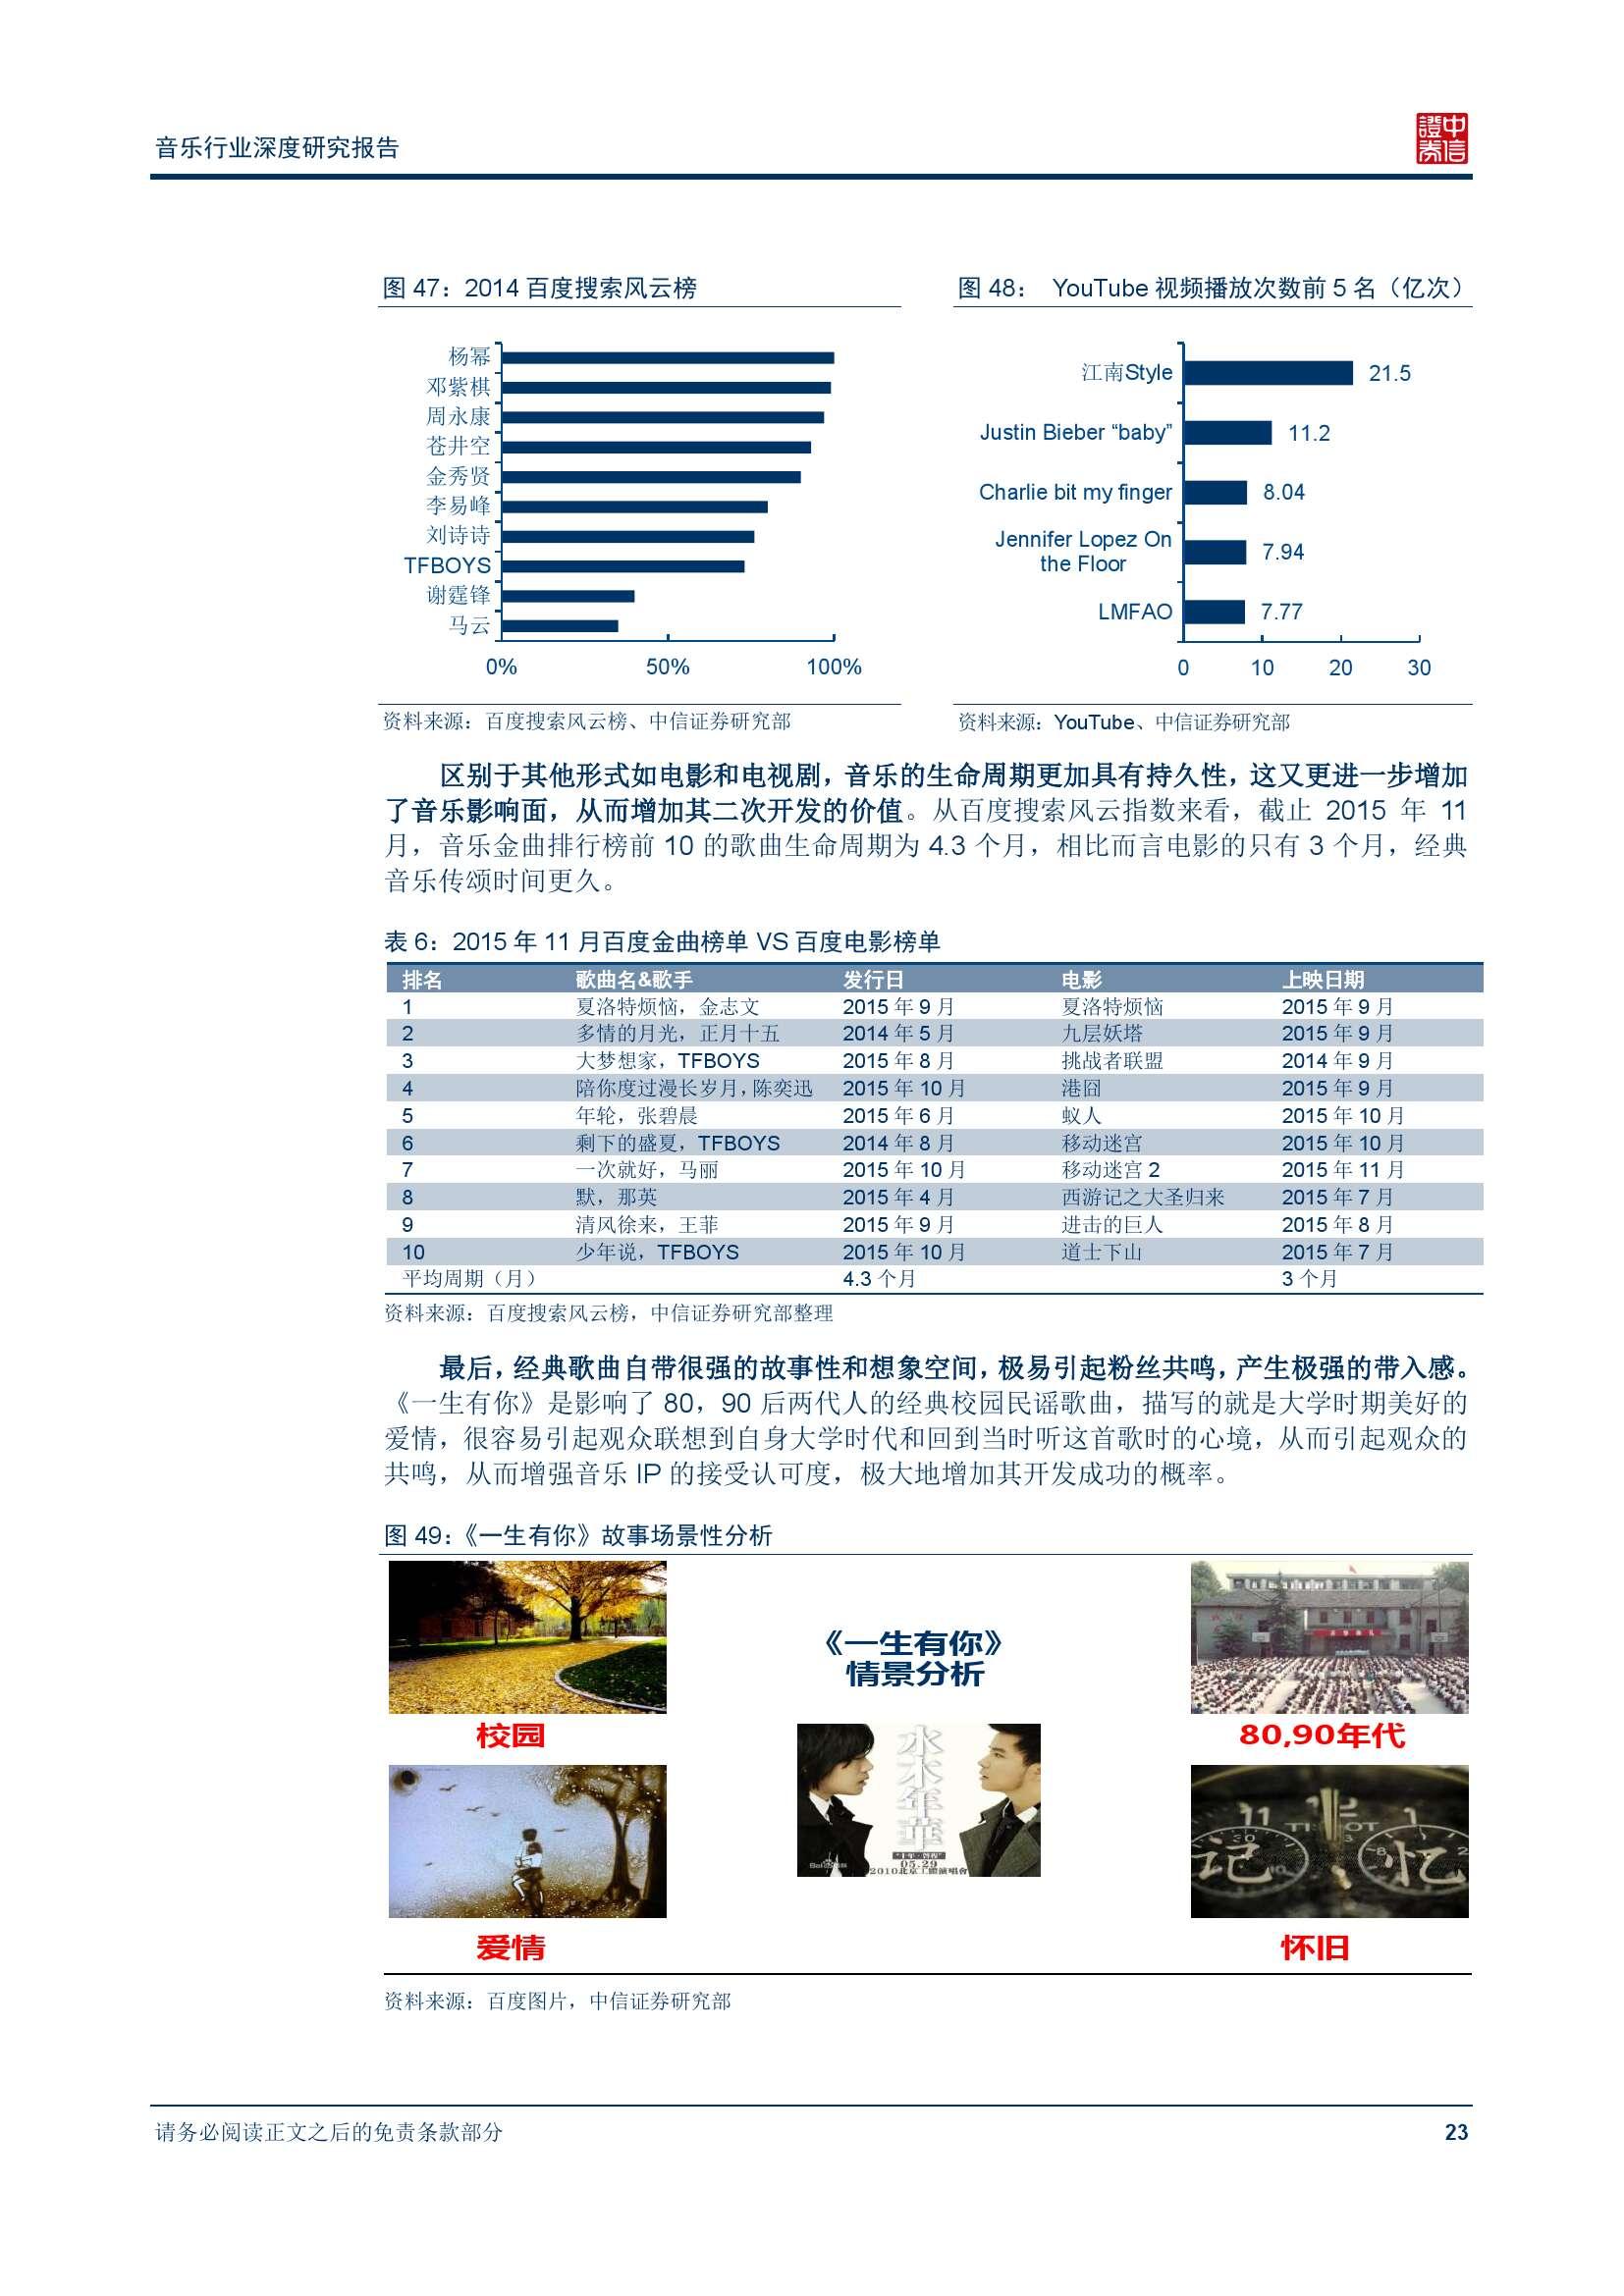 中信证券音乐行业深度研究报告_000028